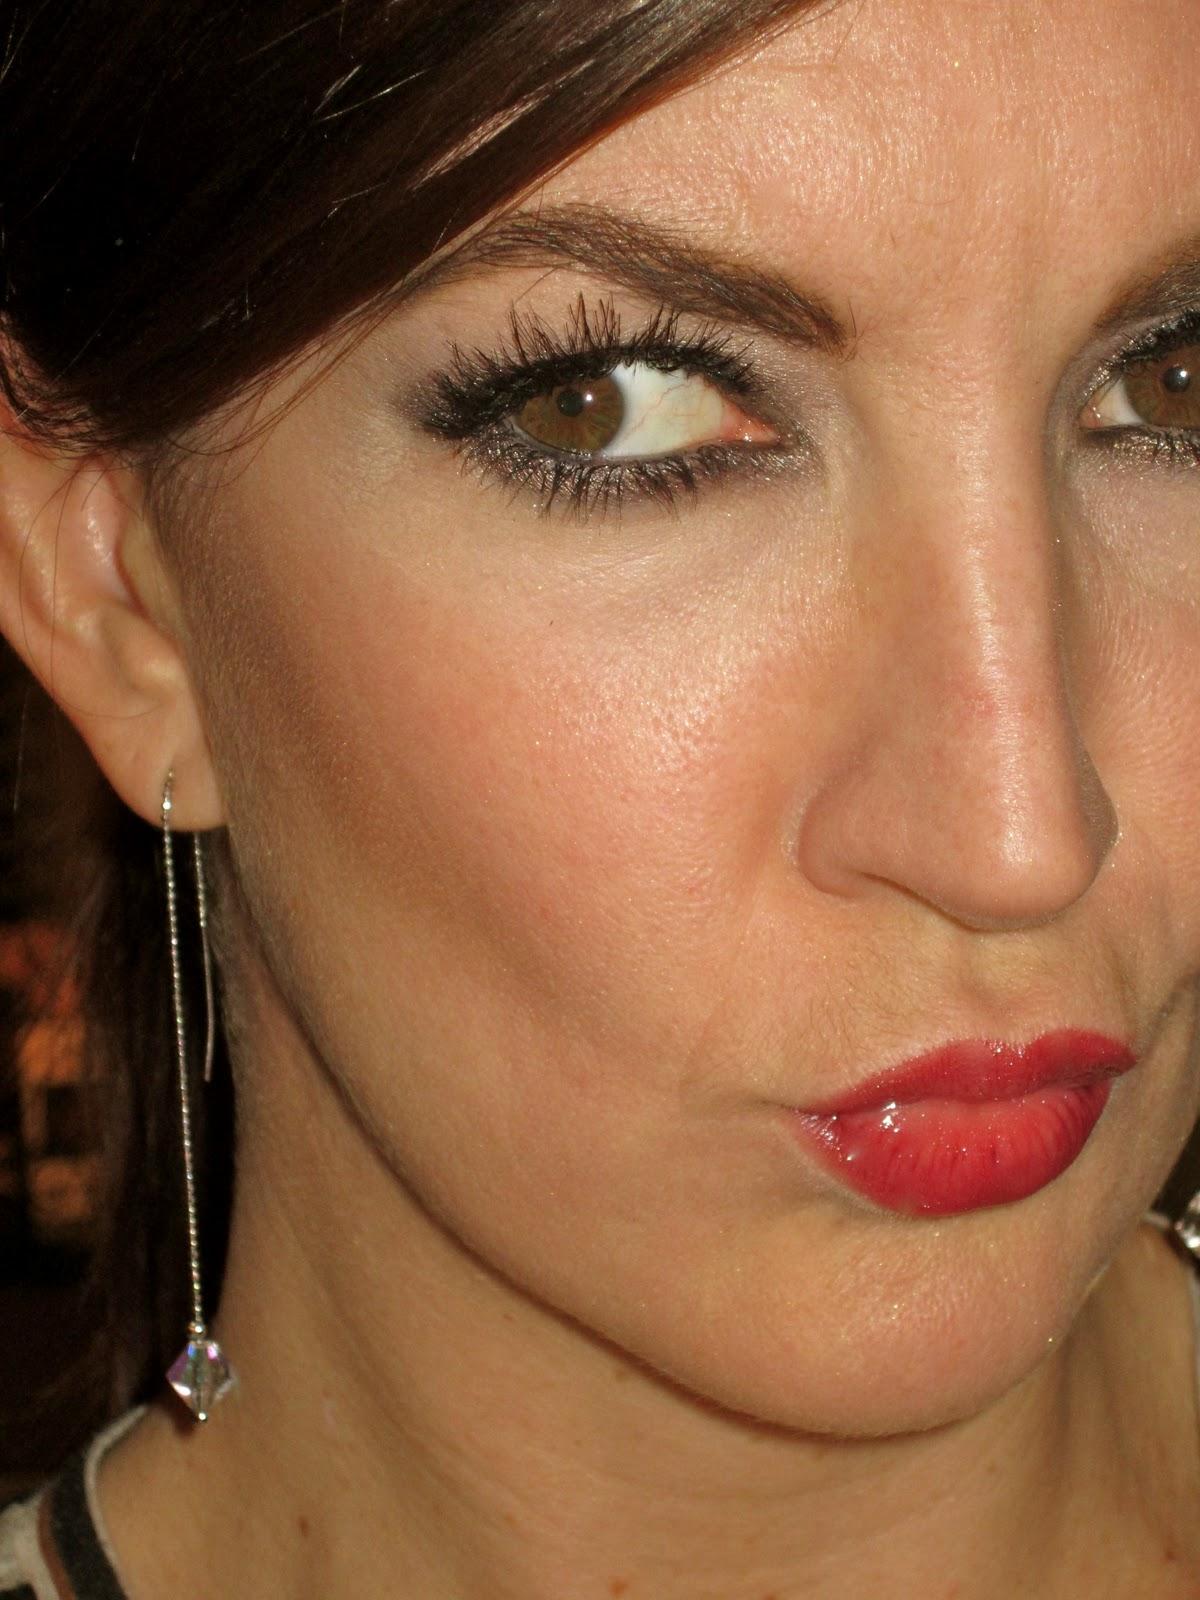 Bad Makeup On Tumblr: Good Girl Vs Bad Girl Makeup :: Bad